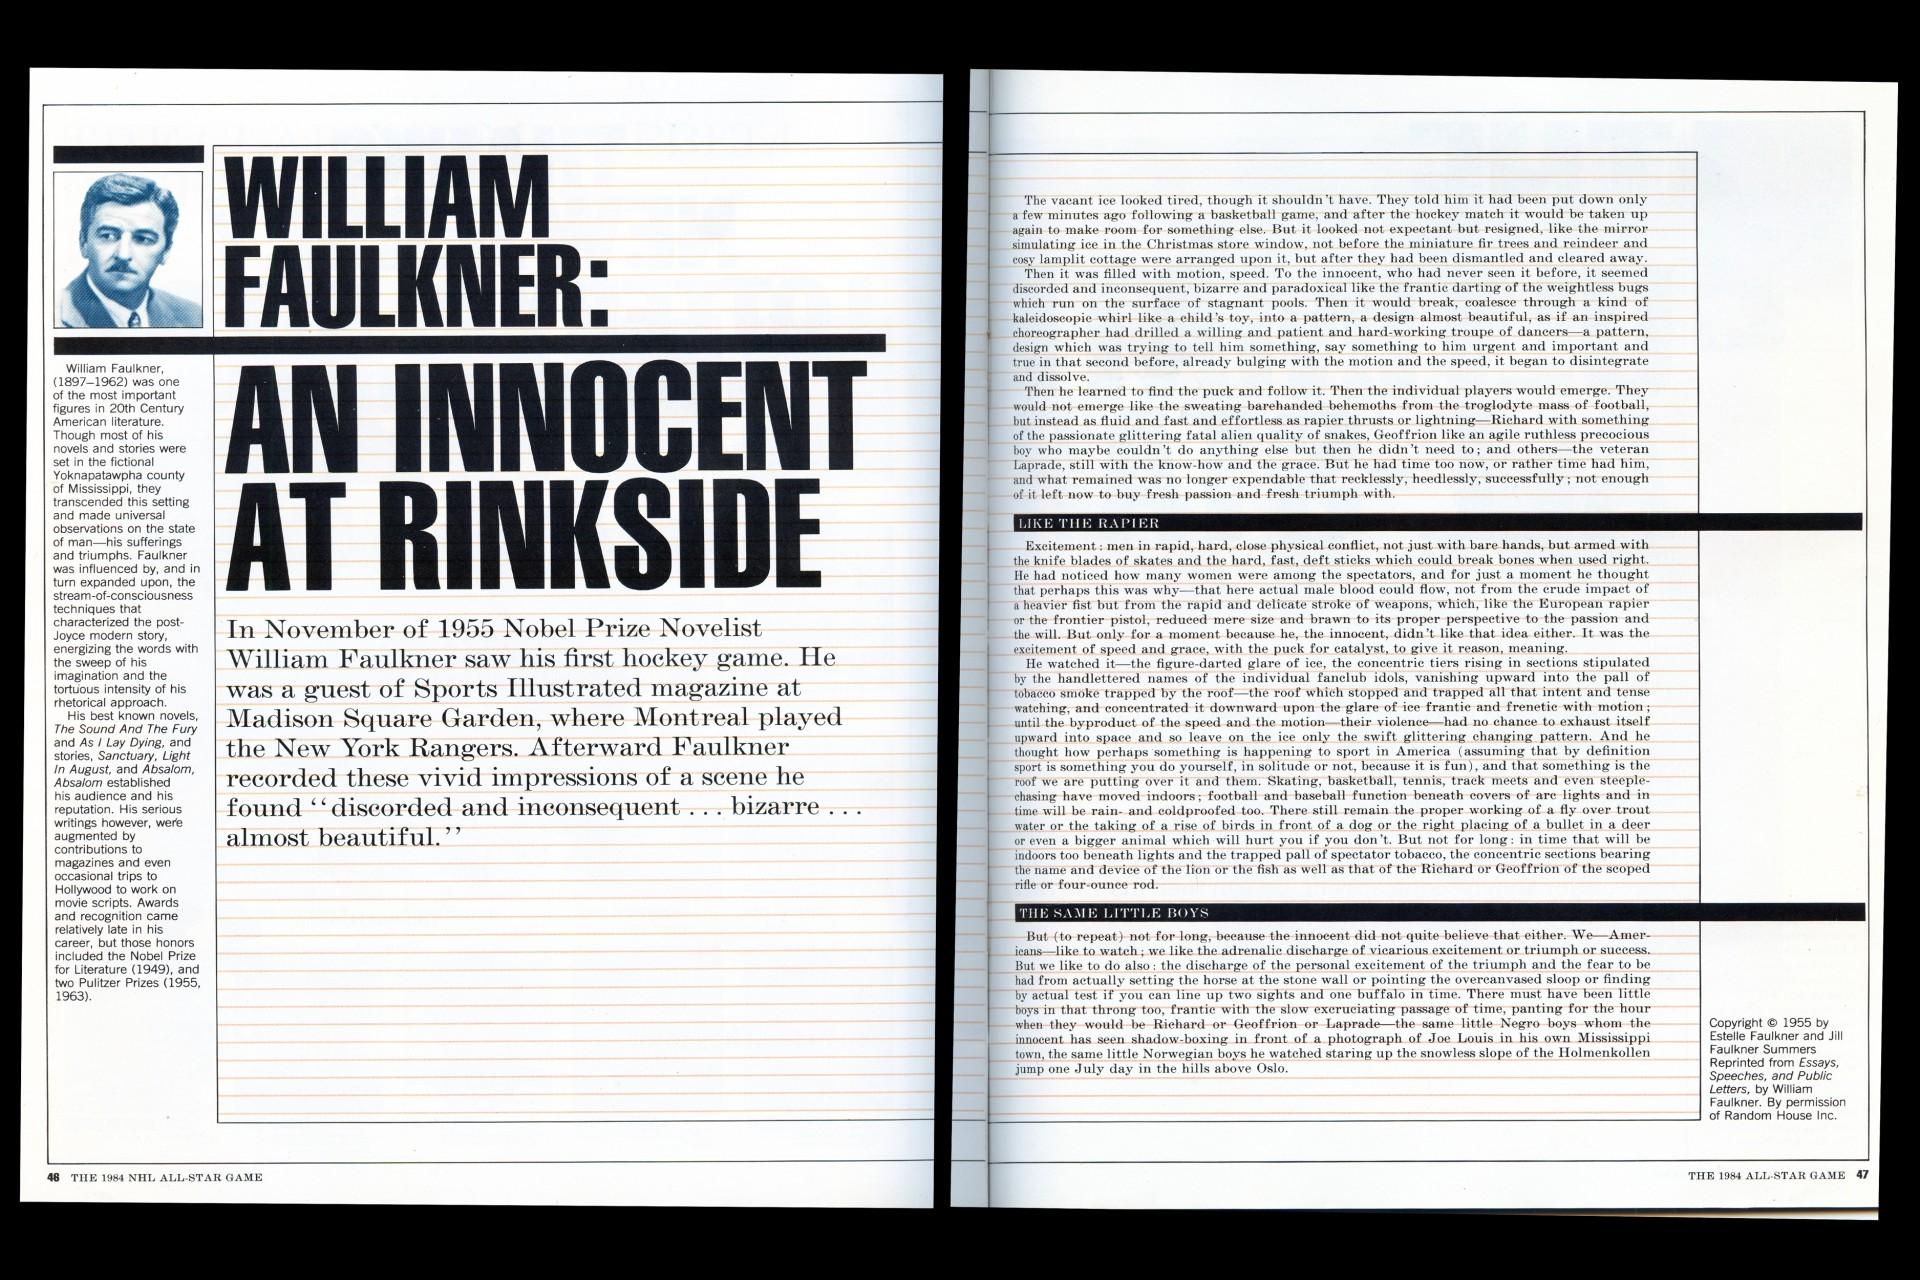 001 Faulkner60 William Faulkner Essays Essay Stunning Topics 1920